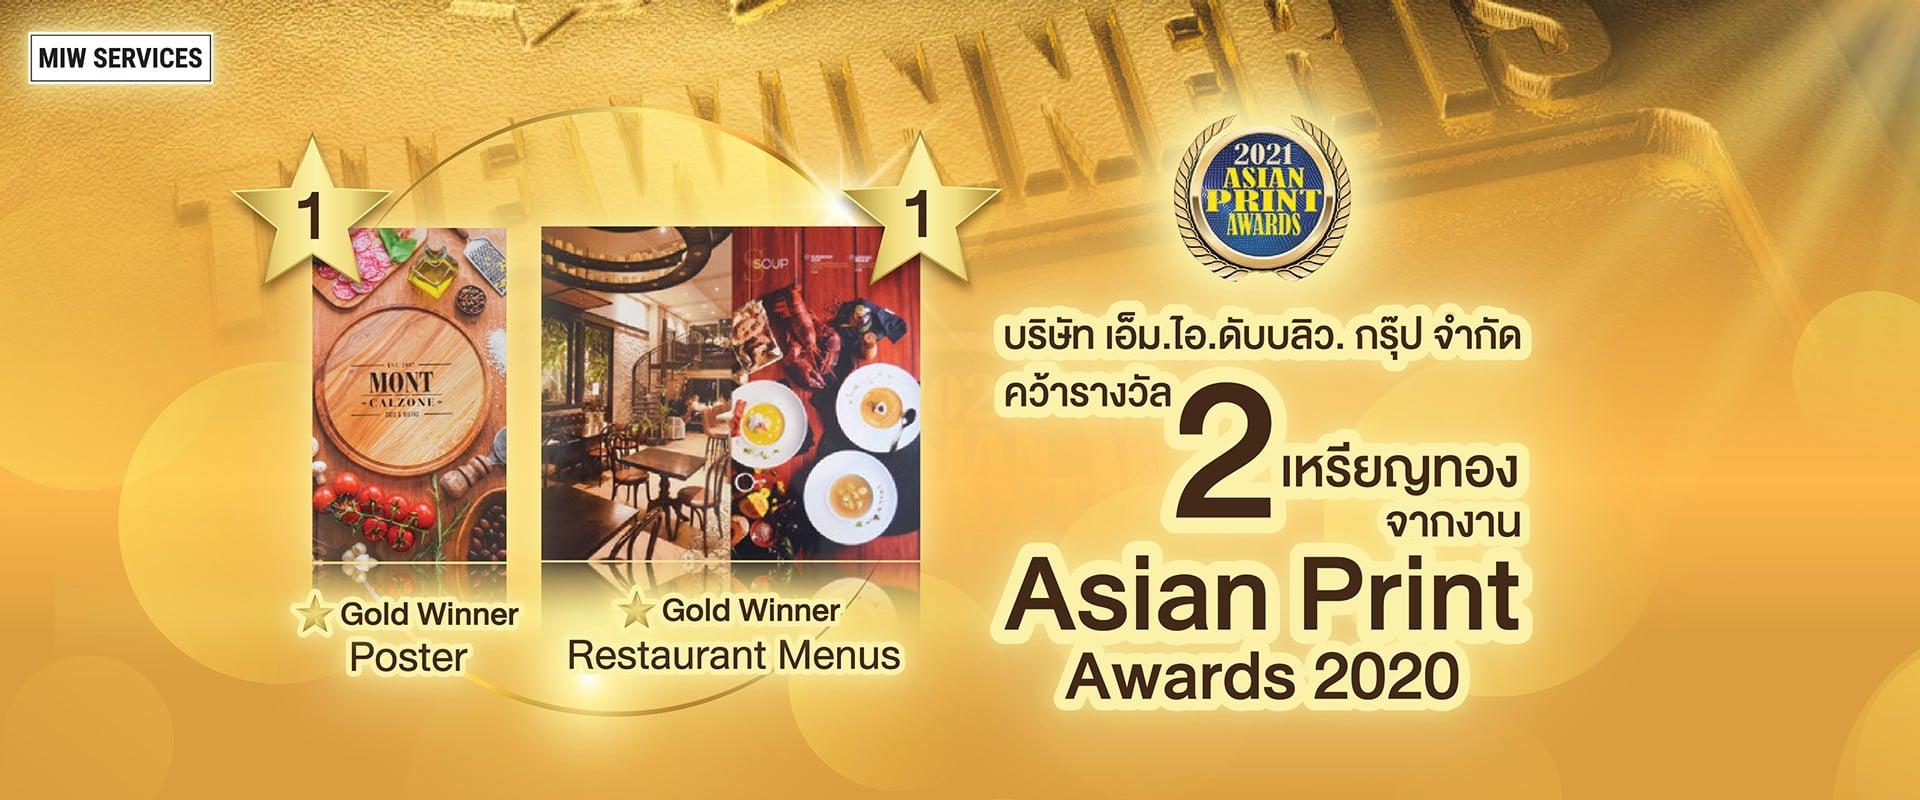 บริษัท เอ็ม.ไอ.ดับบลิว. กรุ๊ป จำกัด คว้า 2 รางวัลเหรียญทอง (GOLD WINNER) จากงาน Asian Print Awards 2020